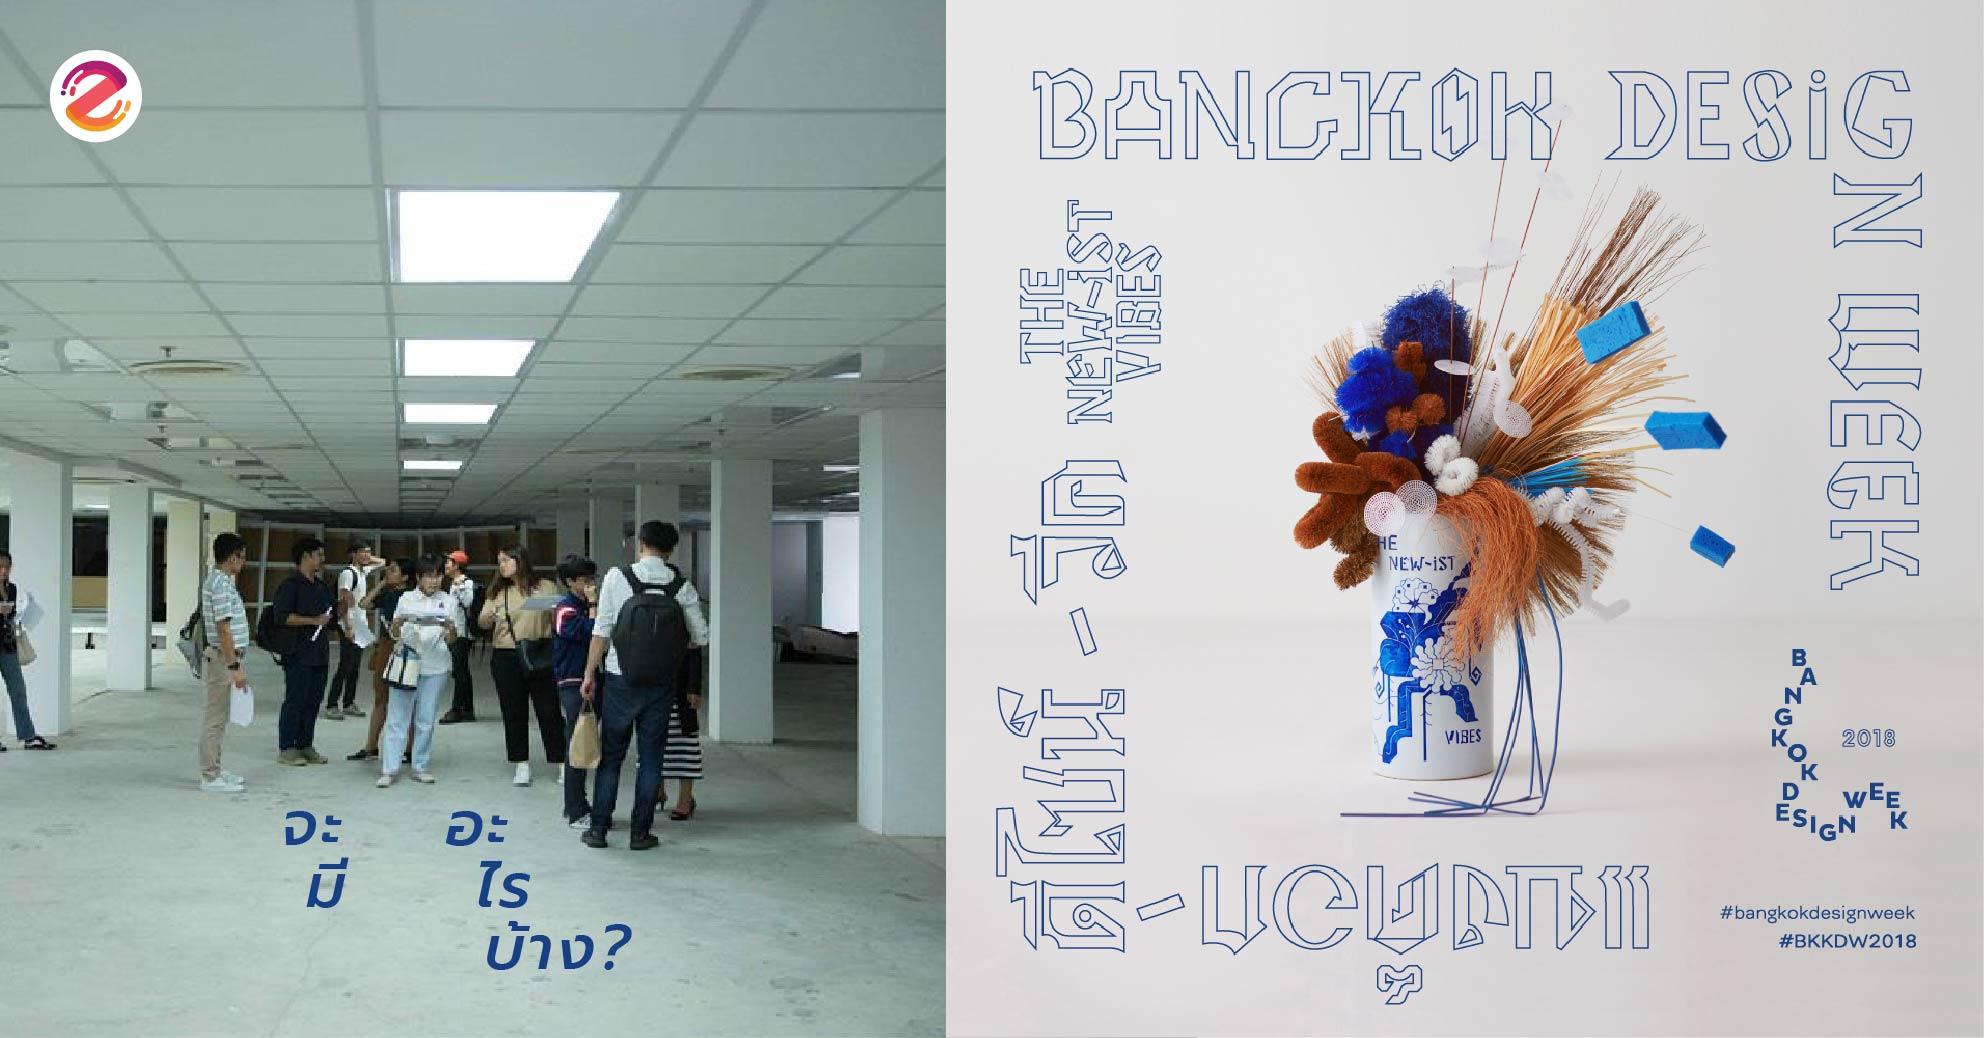 เทศกาลงานออกแบบ Bangkok Design Week 2018 เกิดขึ้นแล้ว!